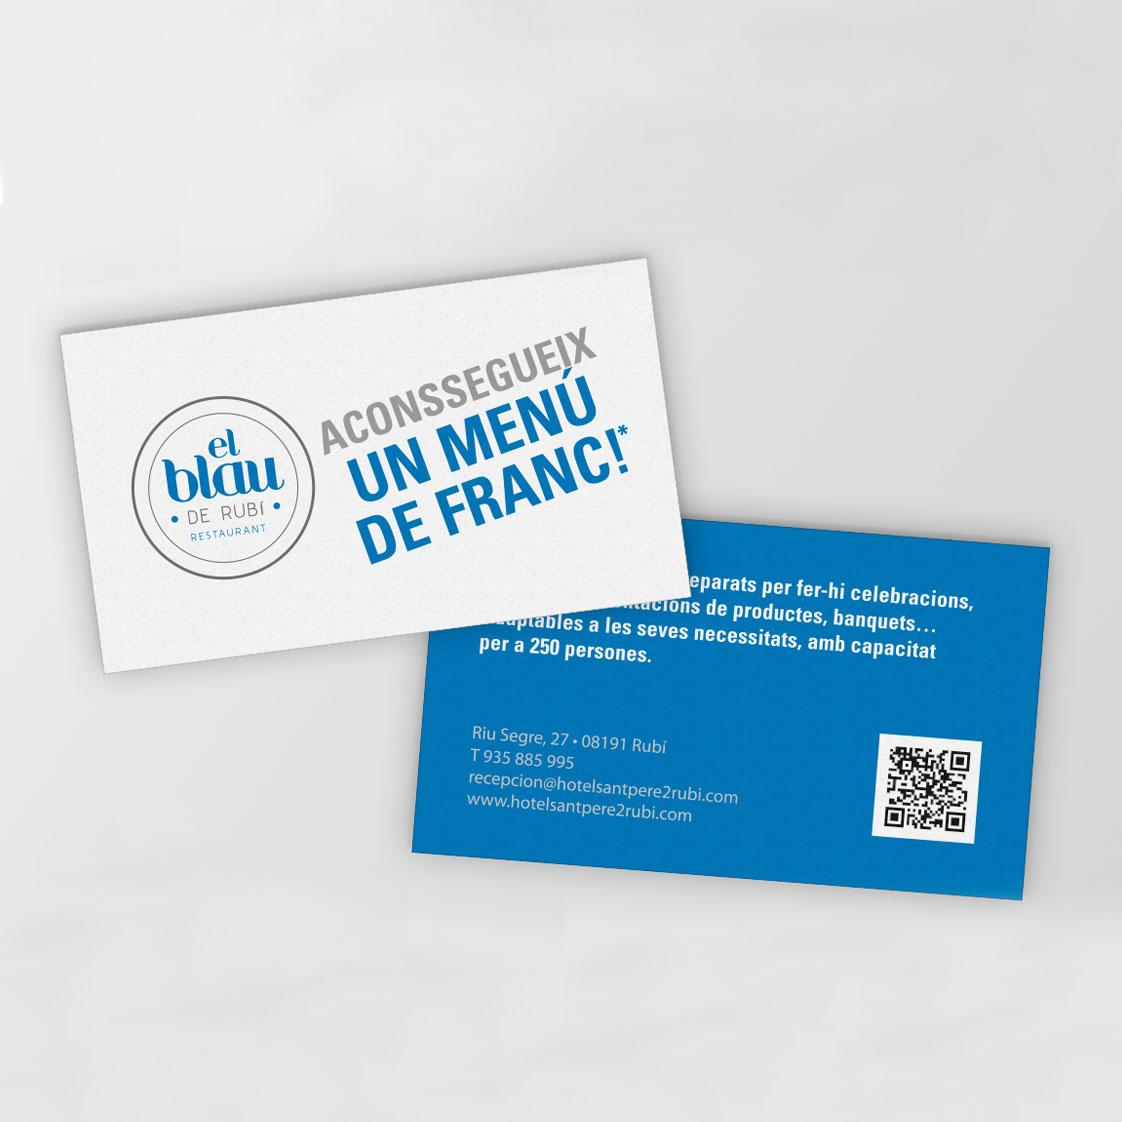 El blau restaurant